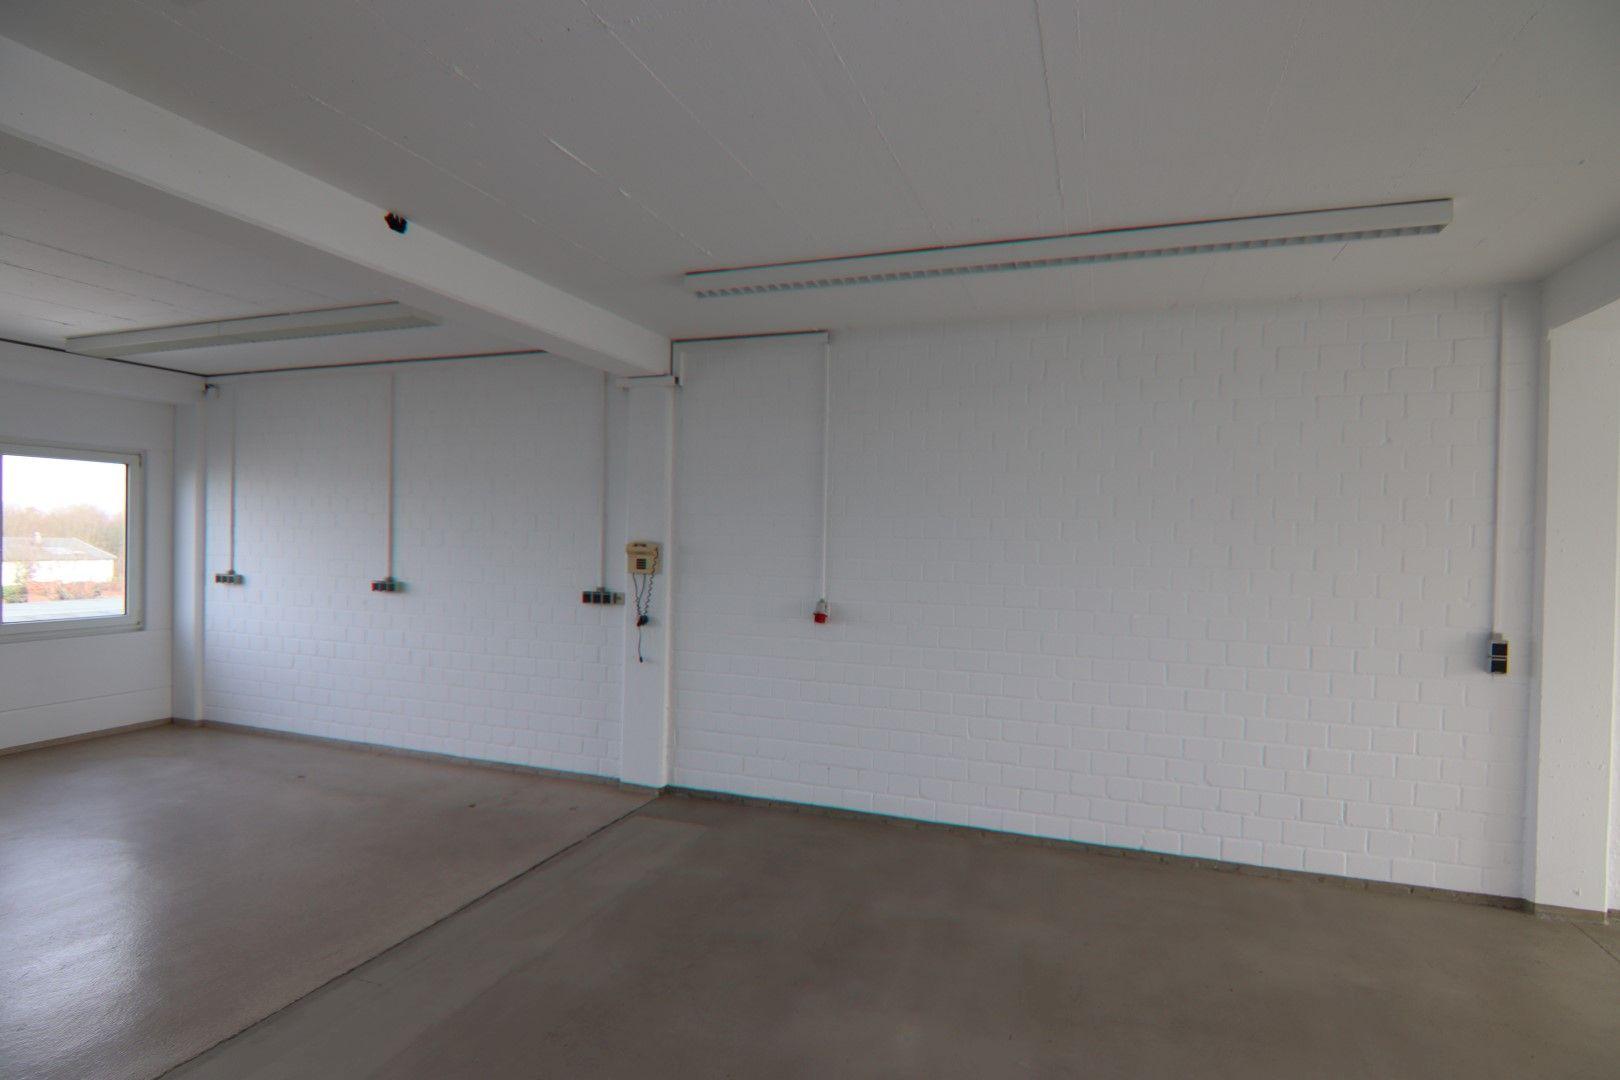 Immobilie Nr.0295 - Bürofläche mit WC-Anlage, Küche u. Aufzug - Bild 11.jpg